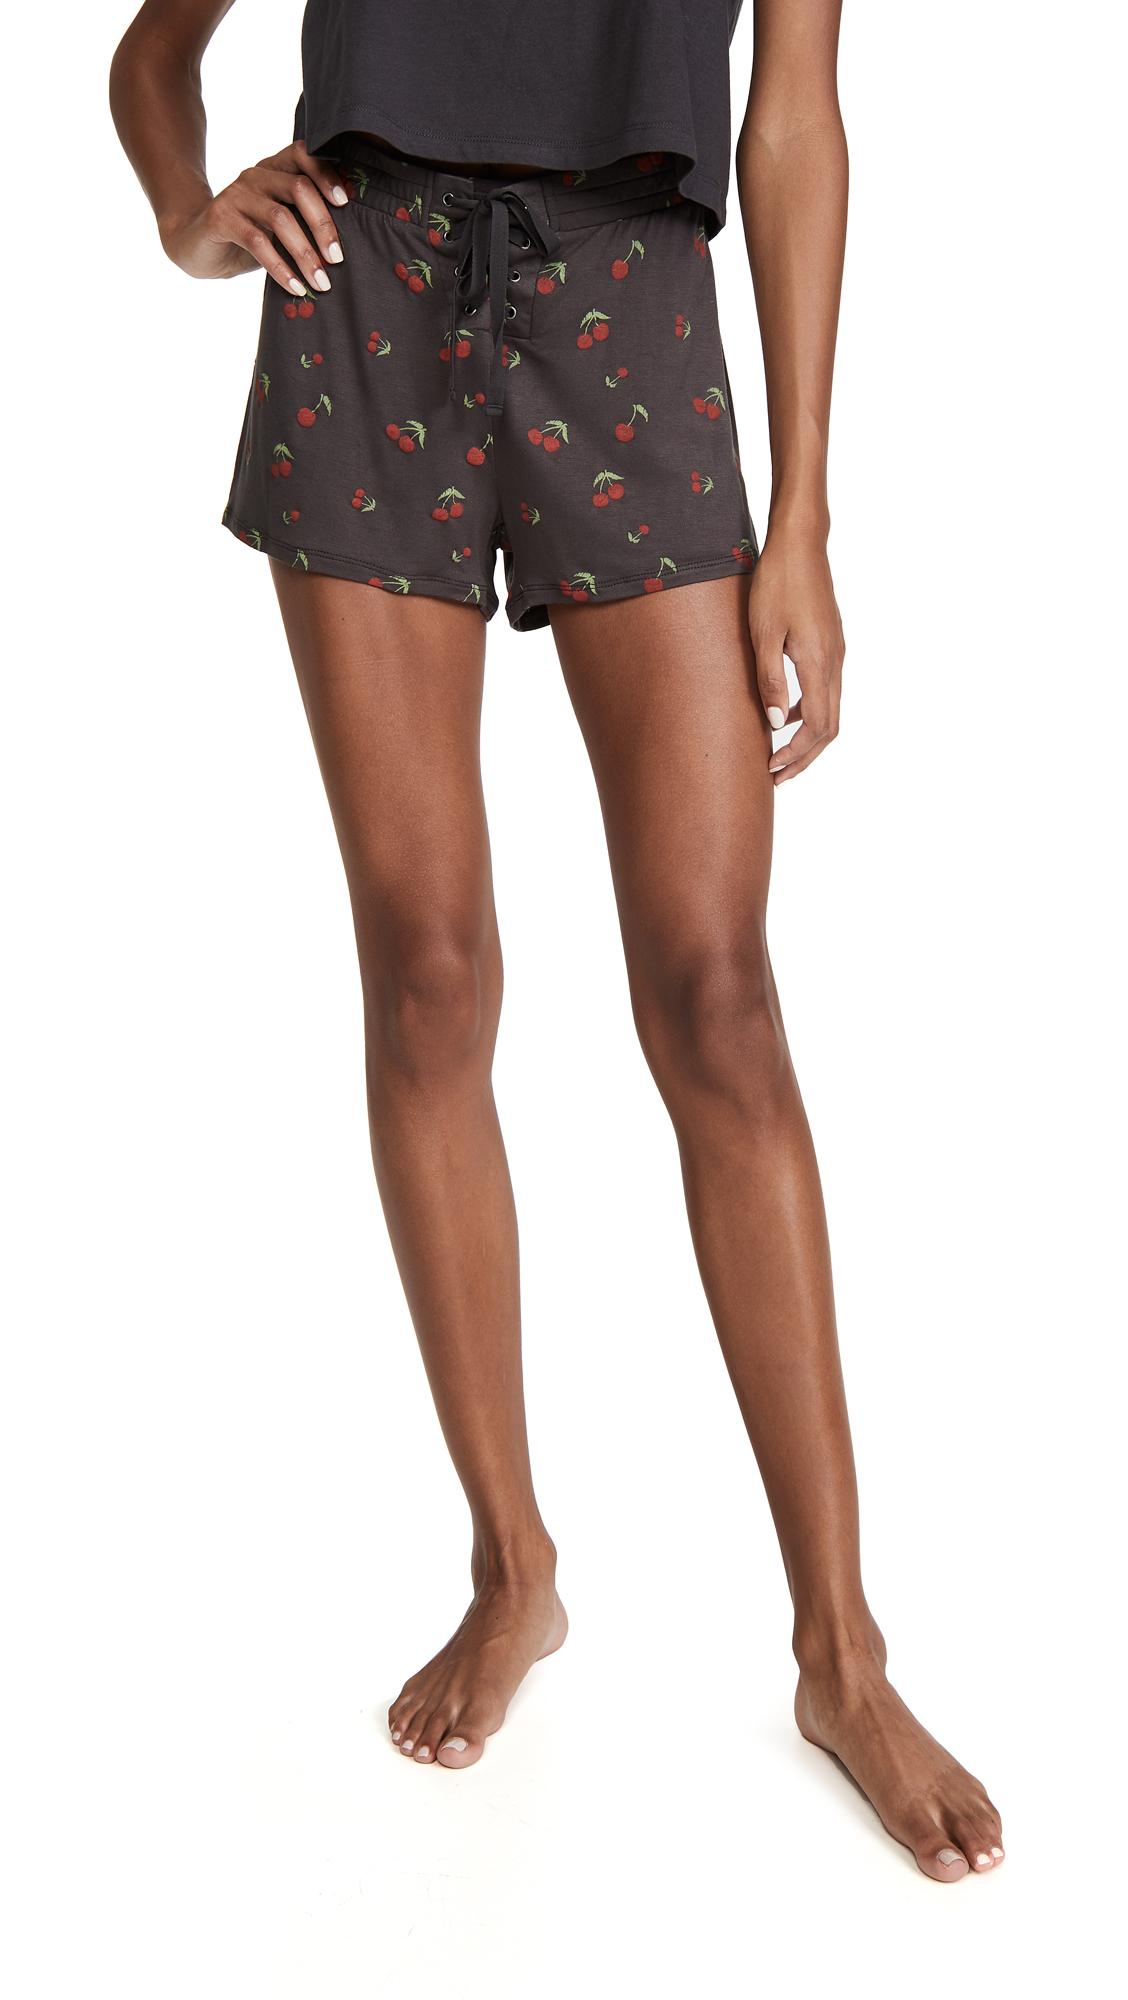 Z Supply Cherry Shorts